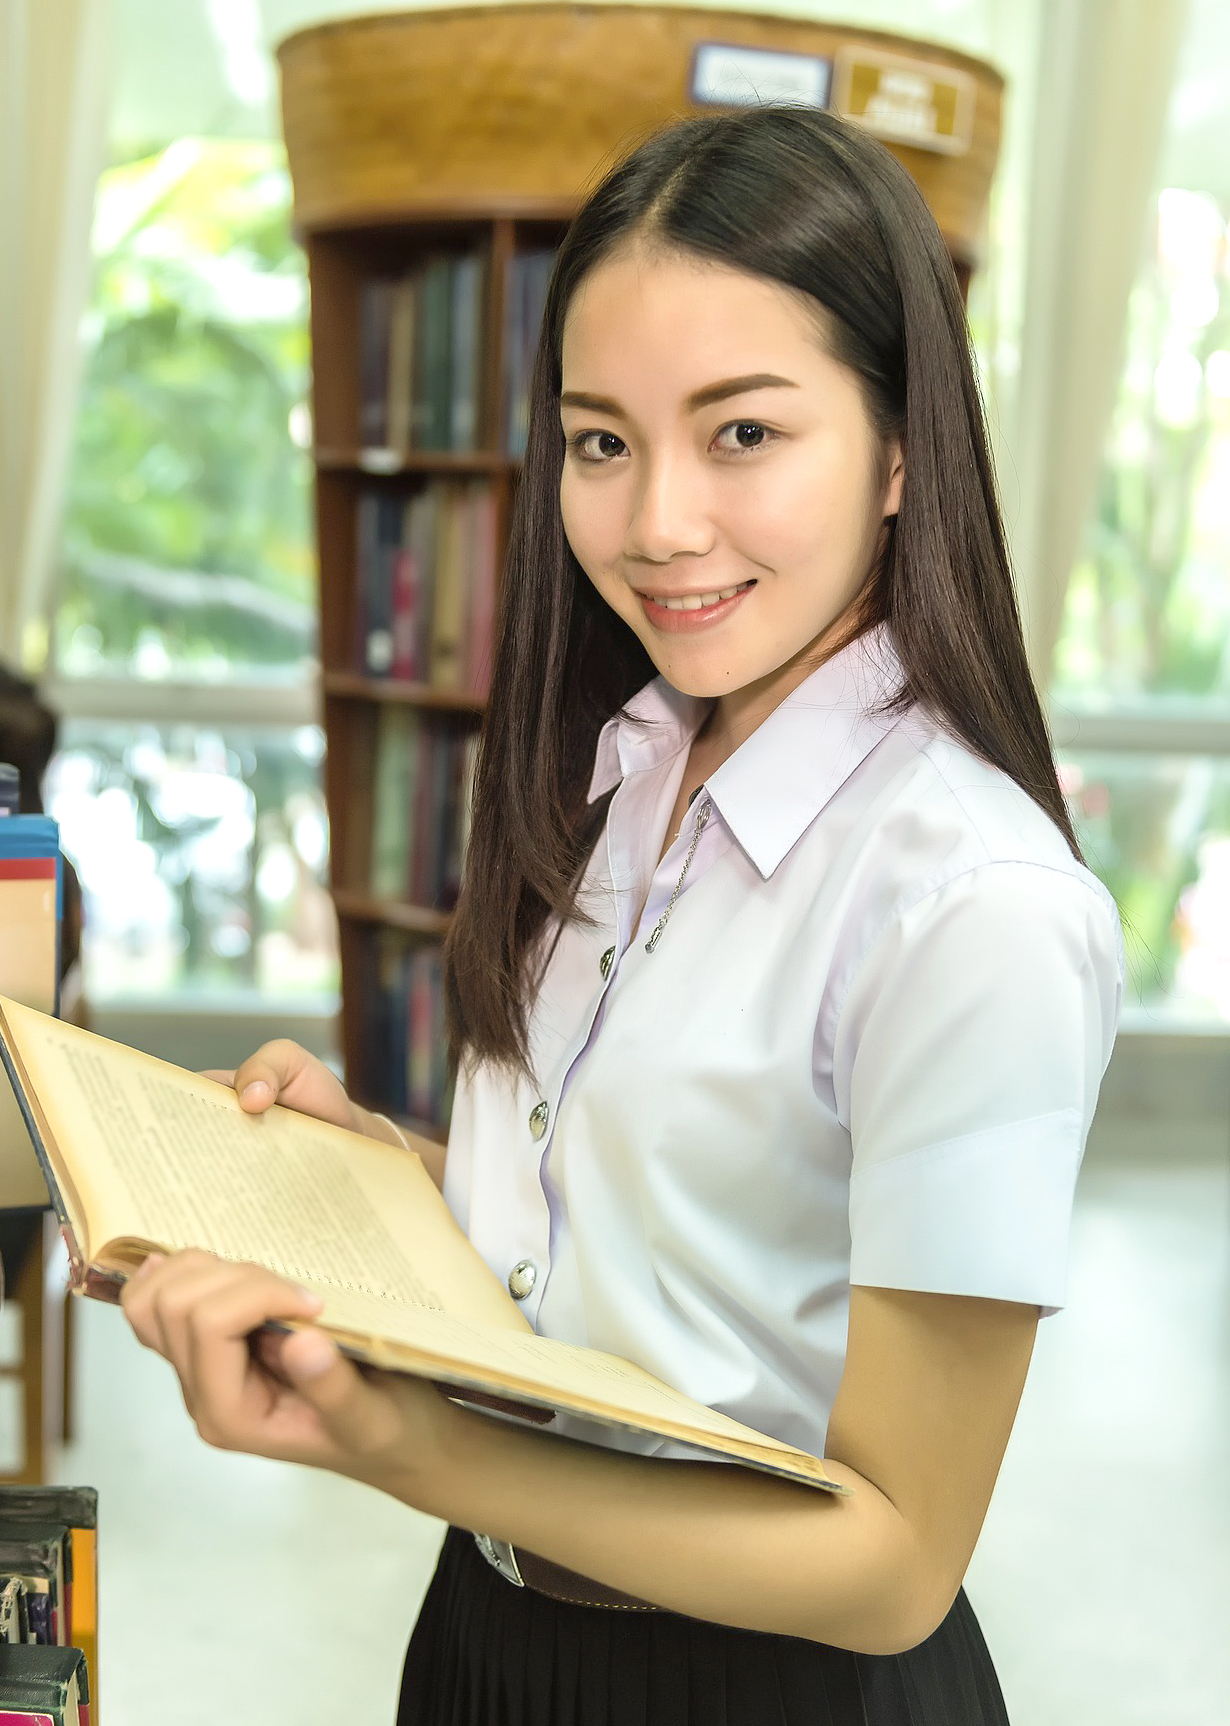 CMA Review Course Topics